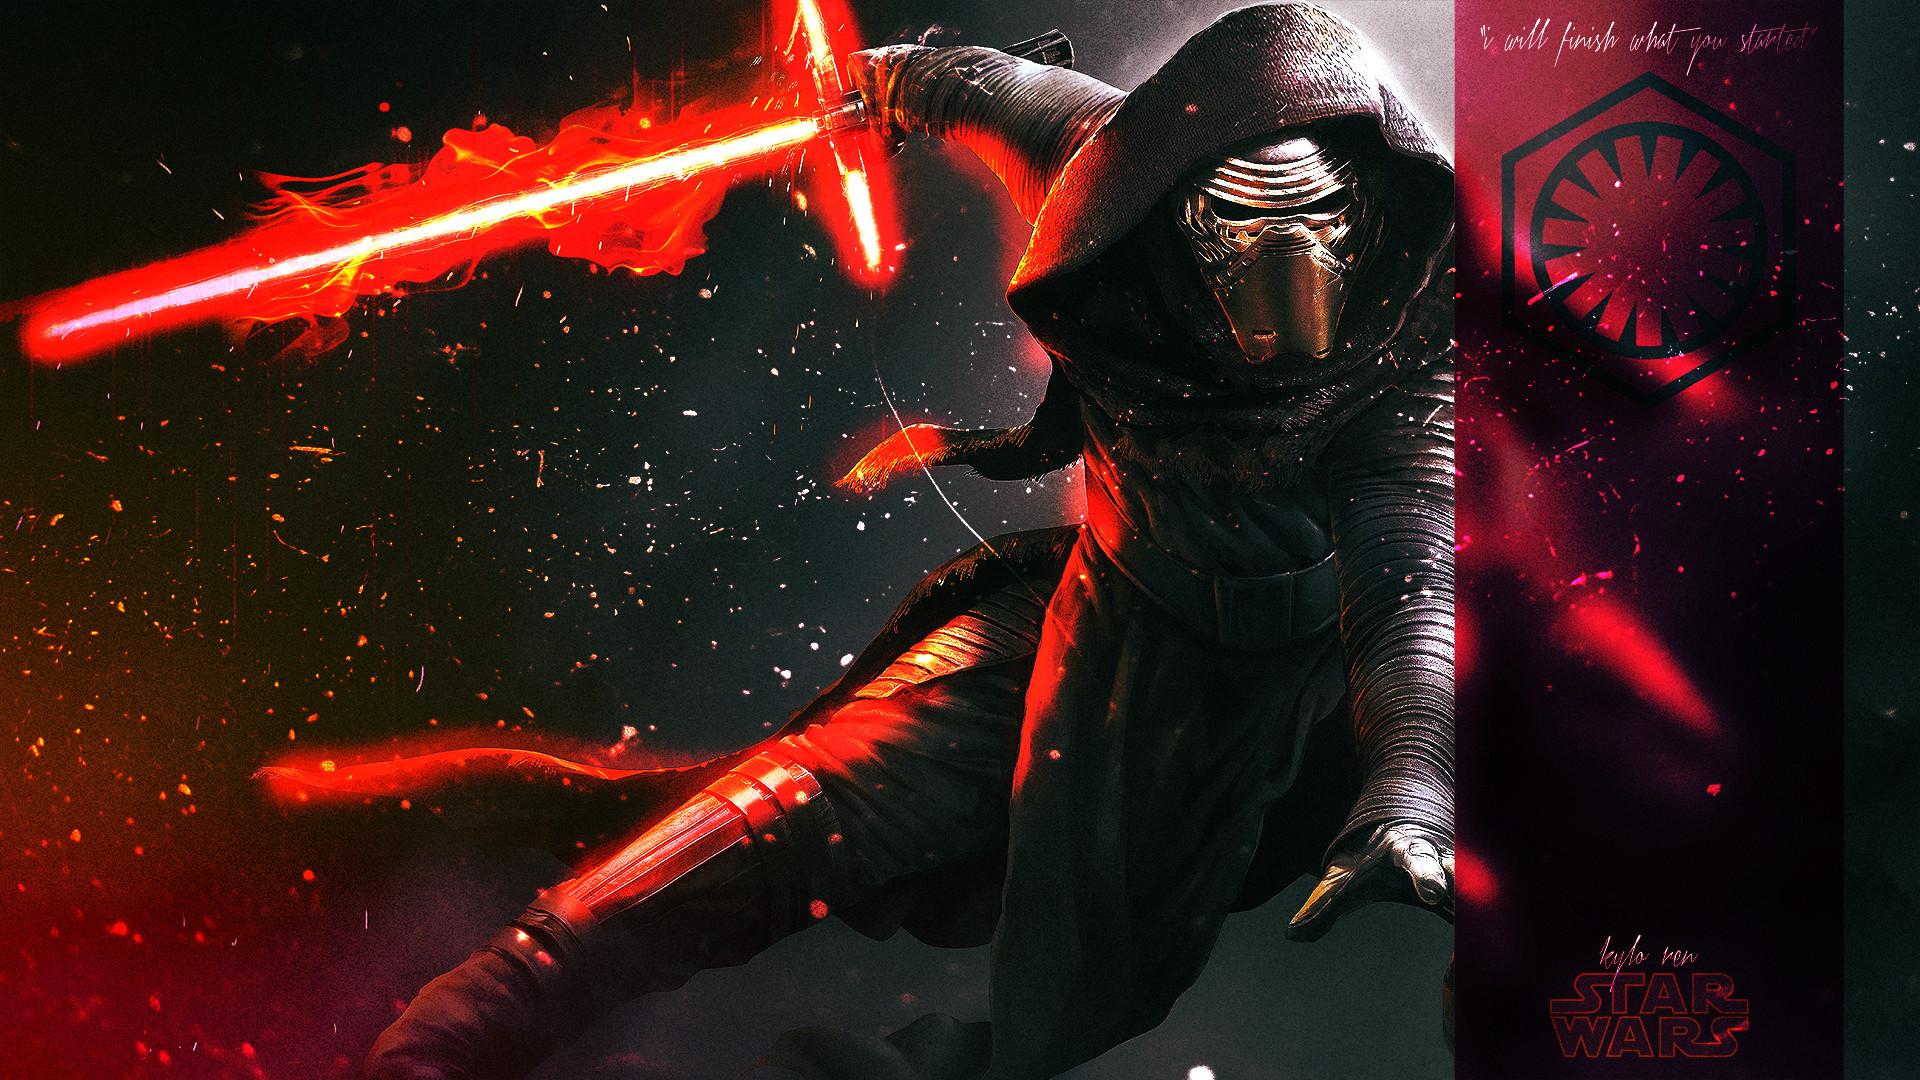 General Star Wars: The Force Awakens Kylo Ren fan art